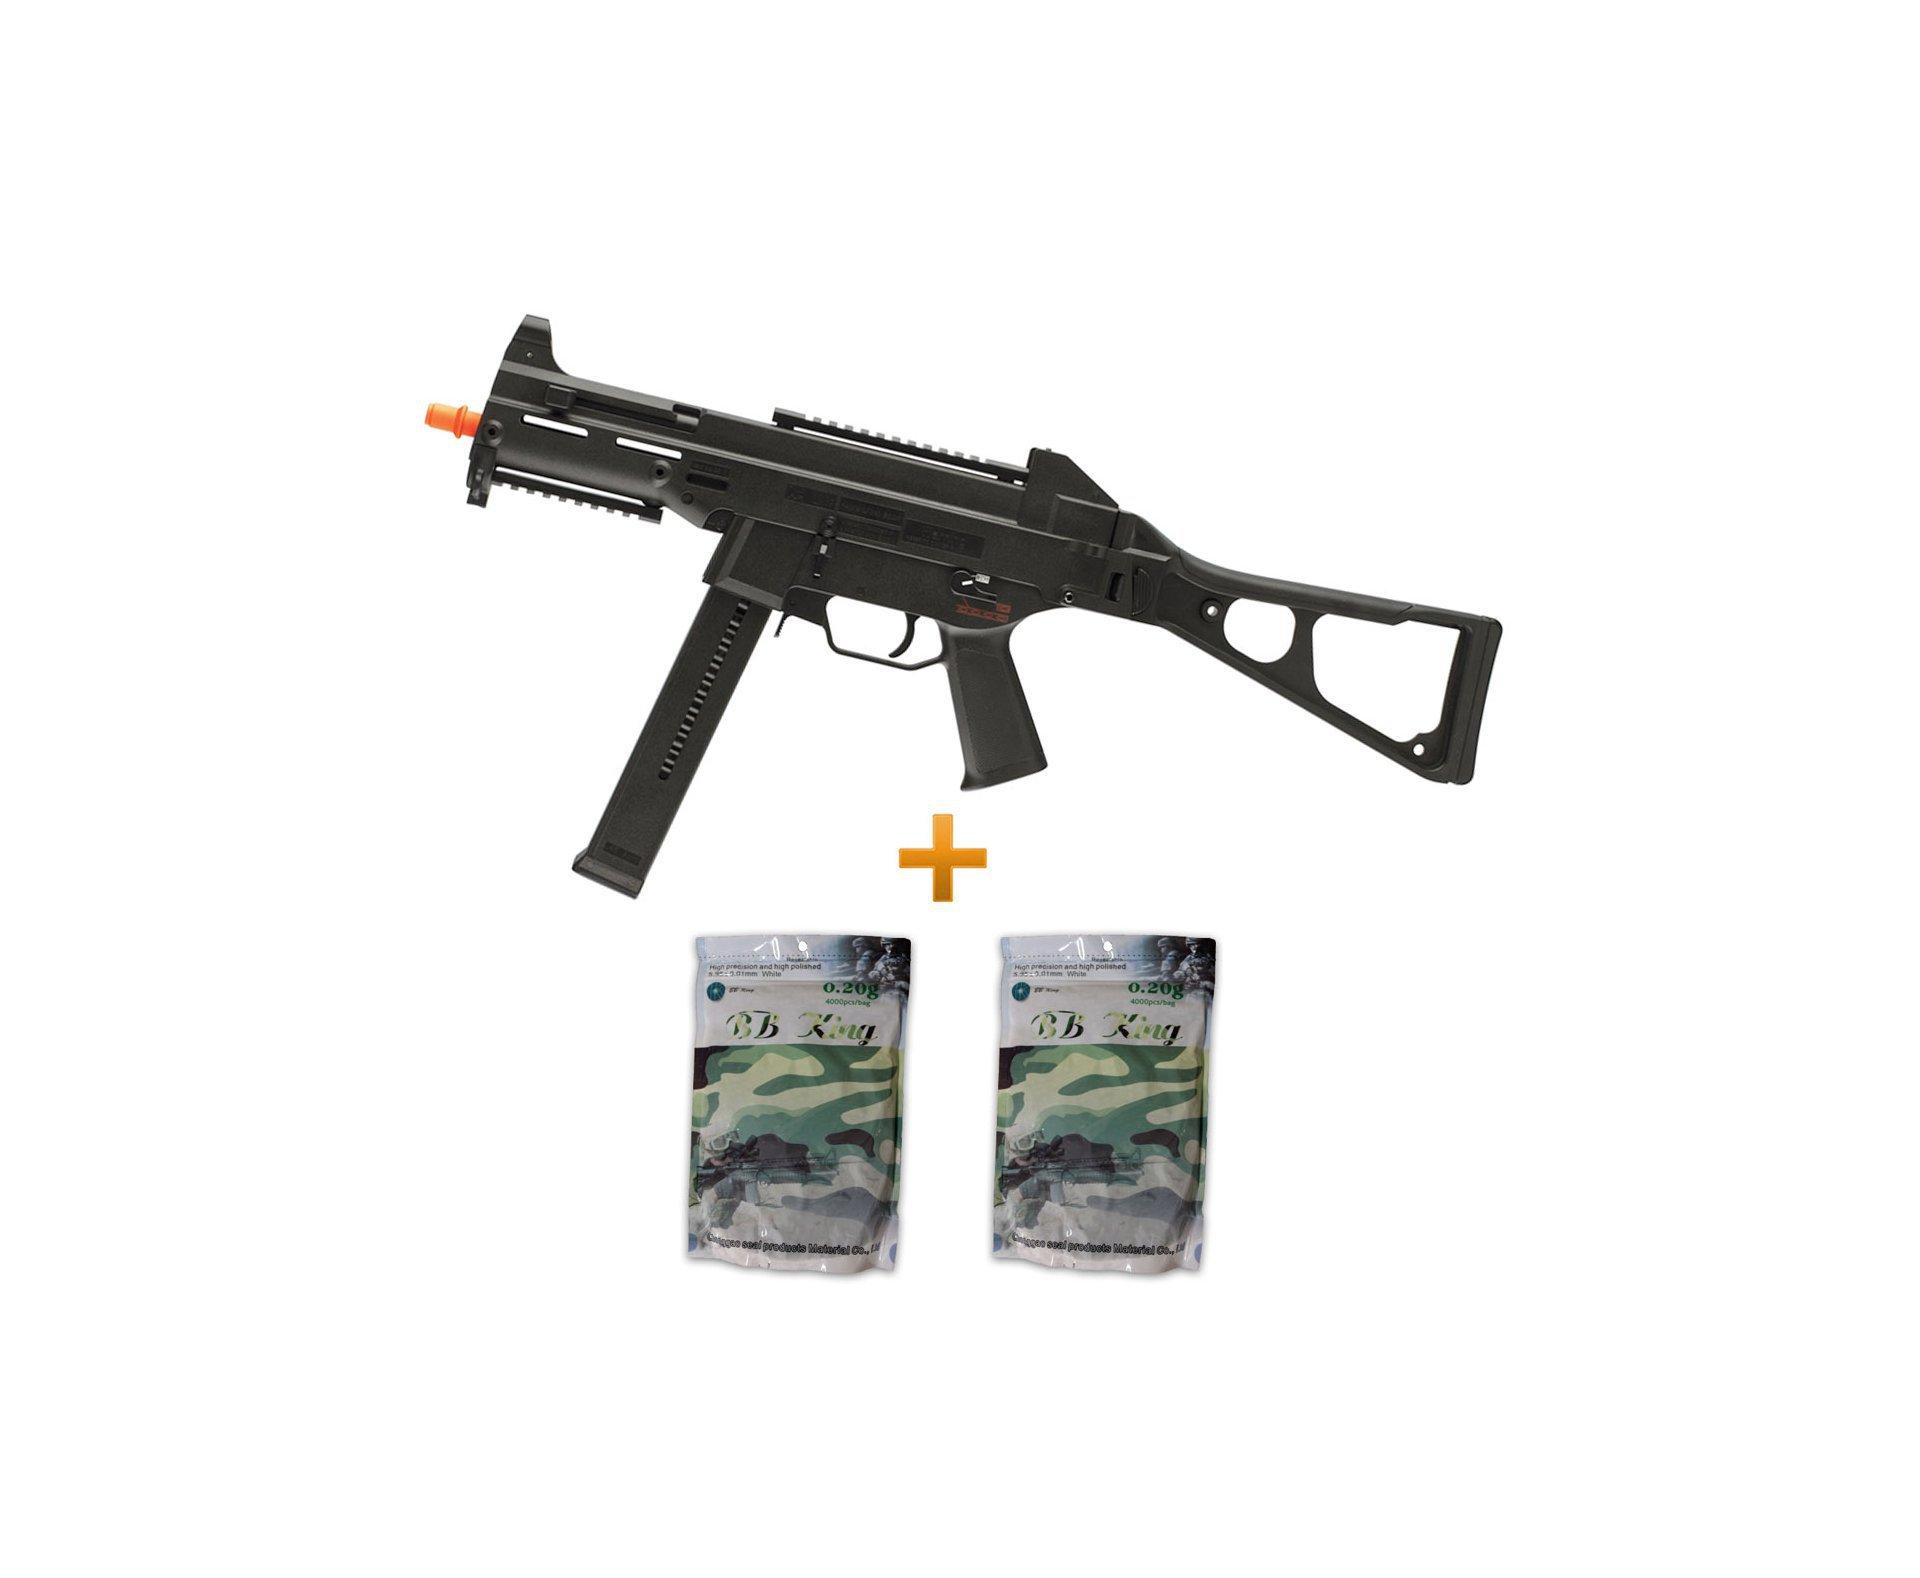 Rifle De Airsoft H&k Ump Aeg - Cal 6.0mm + 8000 Bbs 0,20g - Umarex